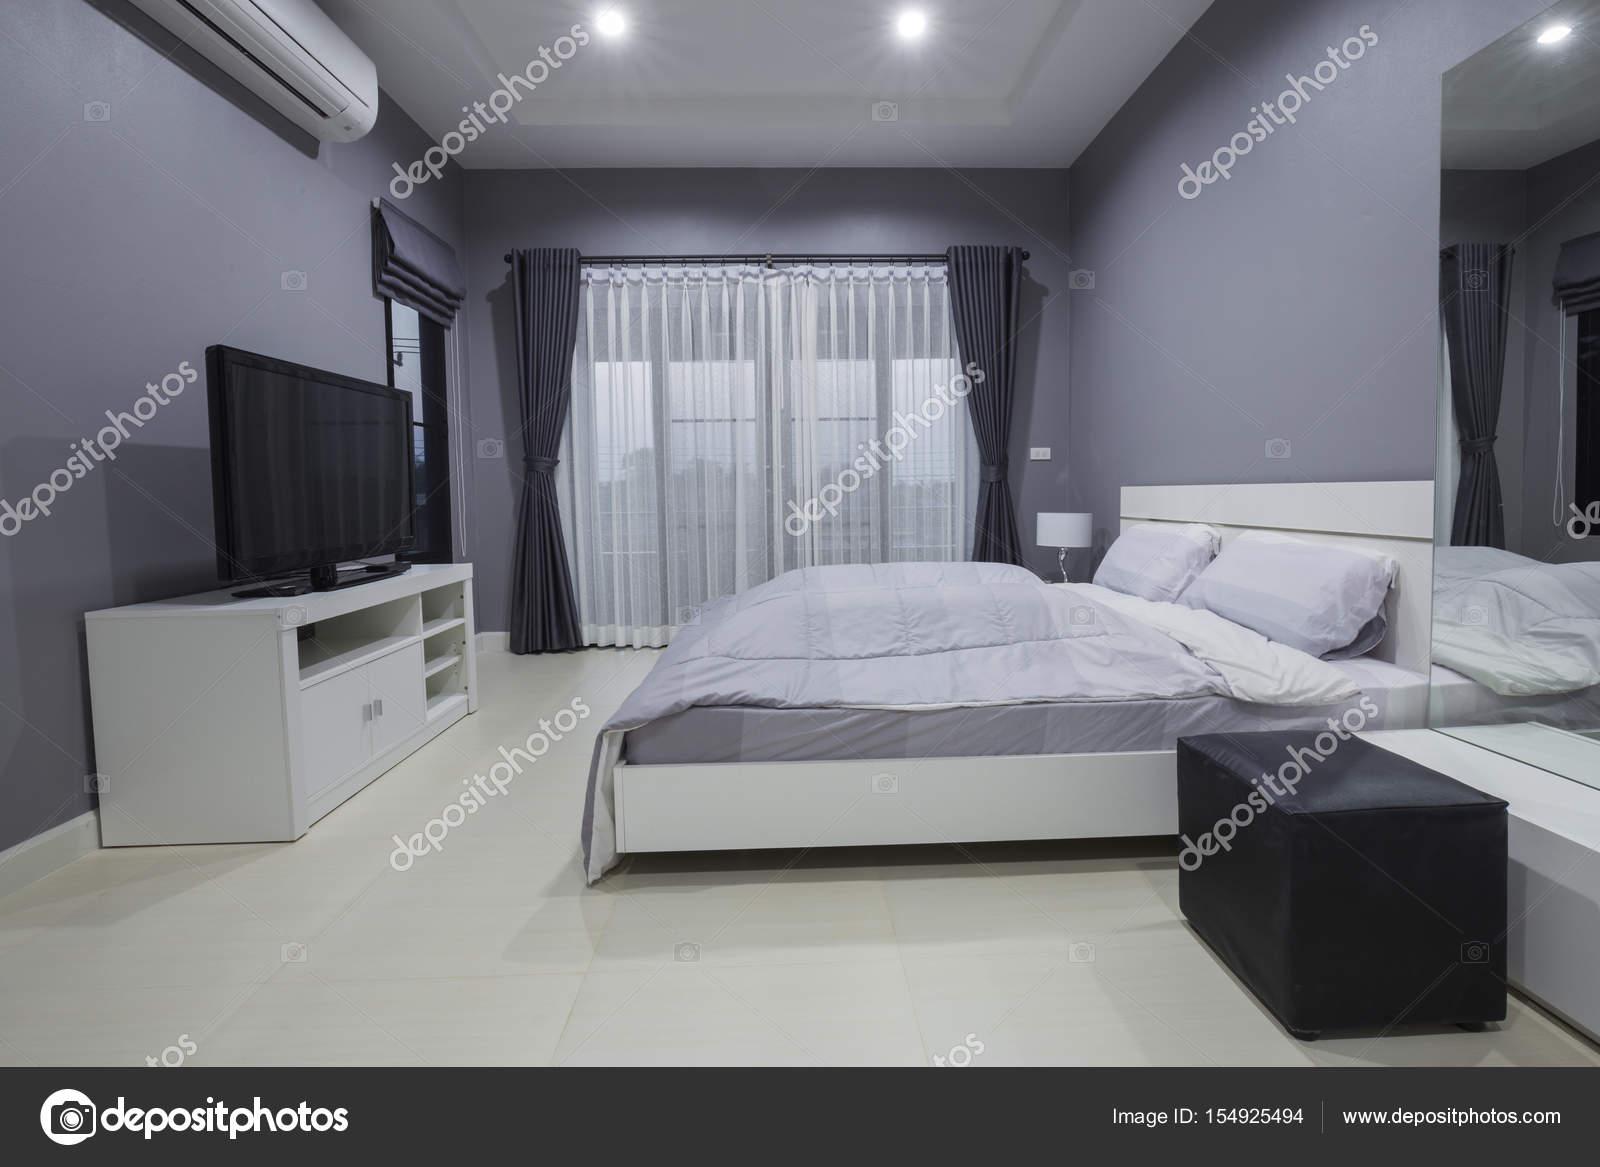 moderne Schlafzimmer-Interieur — Stockfoto © geargodz #154925494